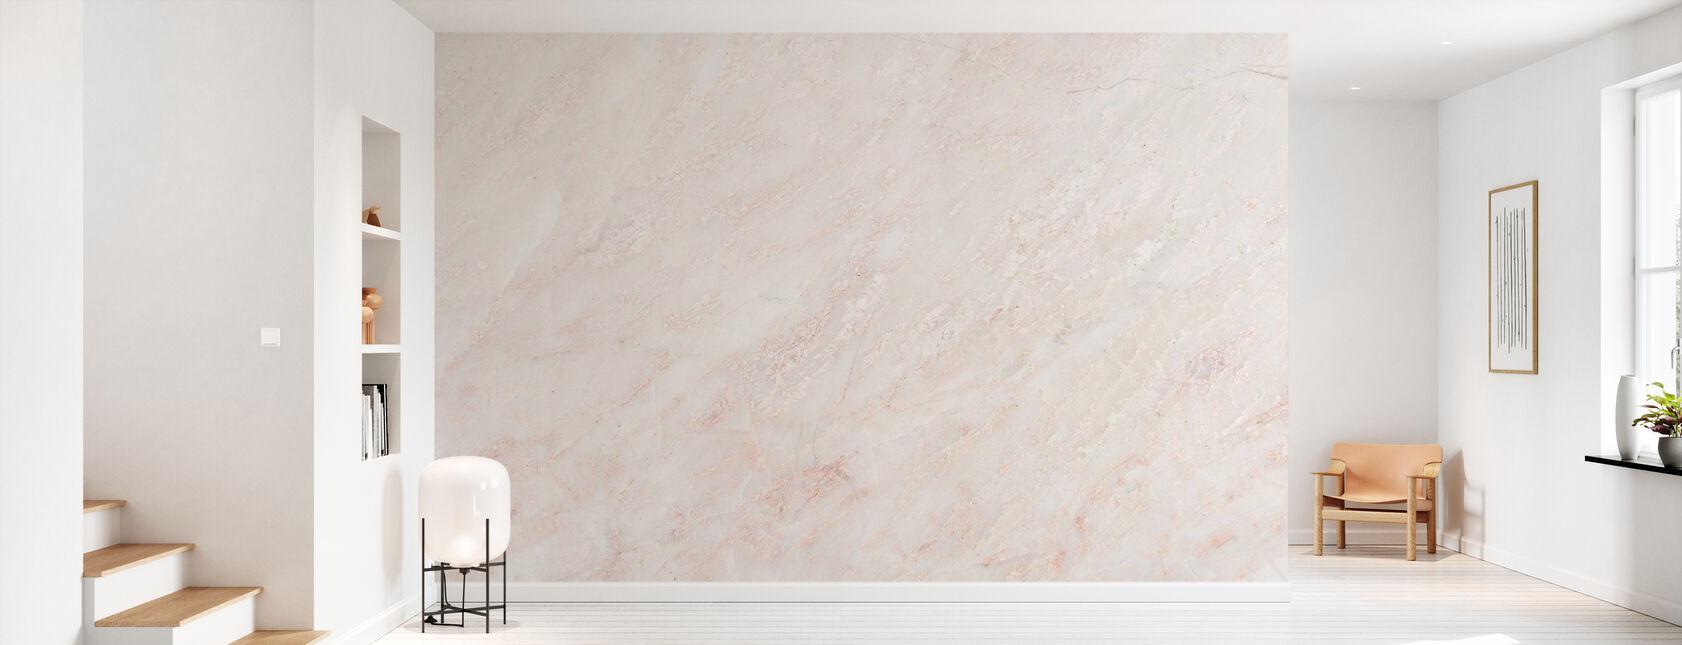 Mur en marbre - Papier peint - Entrée